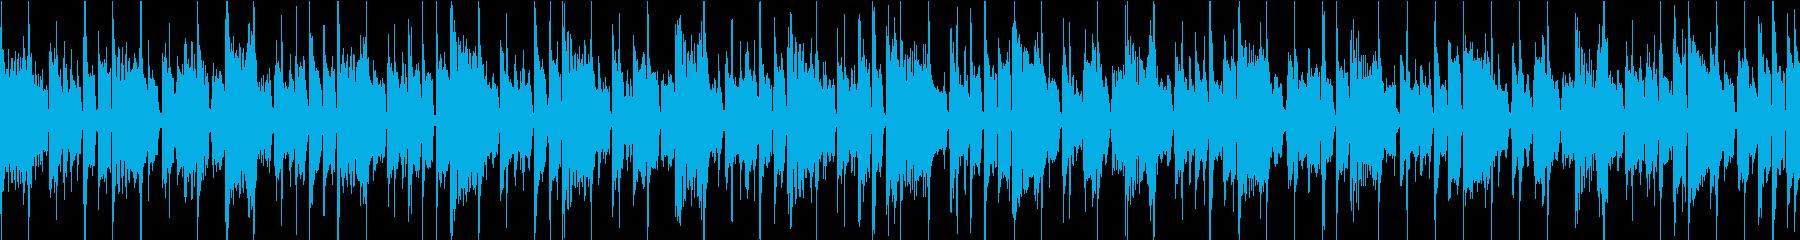 オシャレでダンサブルなファンク ループの再生済みの波形